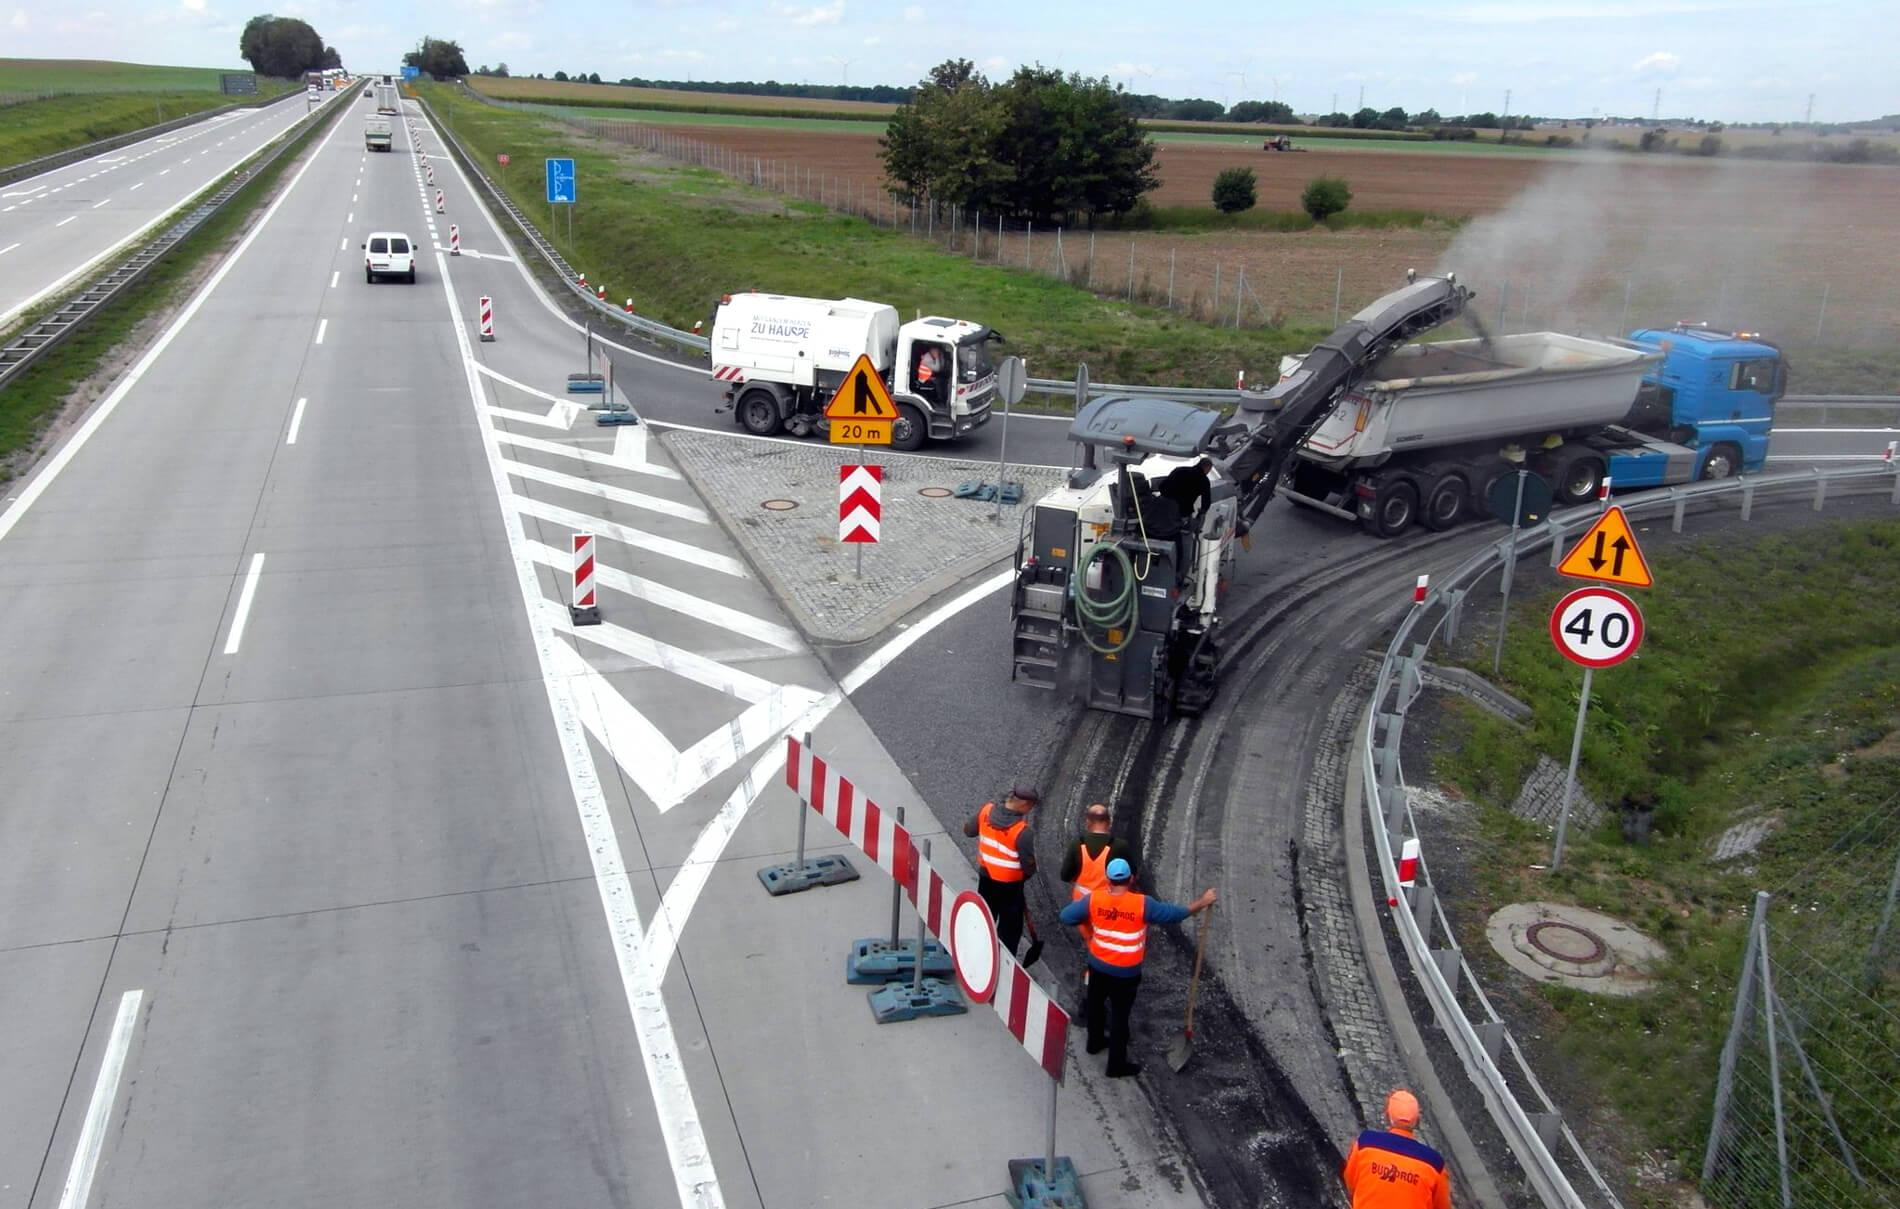 Od poniedziałku 7 września do czwartku 10 września potrwa remont łącznicy na węźle autostrady A4  – Wądroże Wielkie (między Wrocławiem a Legnicą). W tych dniach zamknięta będzie łącznica południowa węzła Wądroże Wielki, w kierunku Wrocławia. Kierowcy, którzy będą chcieli zjechać z A4 i jechać w kierunku Prochowic, muszą pojechać dalej – do kolejnego węzła Budziszów, przez który zawrócą i dojadą autostradą do zjazdu północnego węzła Wądroże Wielkie (który wyremontowano w ubiegłym tygodniu). Z kolei by wjechać od południa na A4 i jechać w kierunku Wrocławia, będzie trzeba na węźle Wądroże Wielkie zjechać na autostradę w kierunku Zgorzelca i dojechać do następnego zjazdu i Mikołajowice. Tam kierowcy zjadą z A4 i wiaduktem przejadą na drugą stronę, by włączyć się na jezdnię w stronę Wrocławia. Fot. GDDKiA